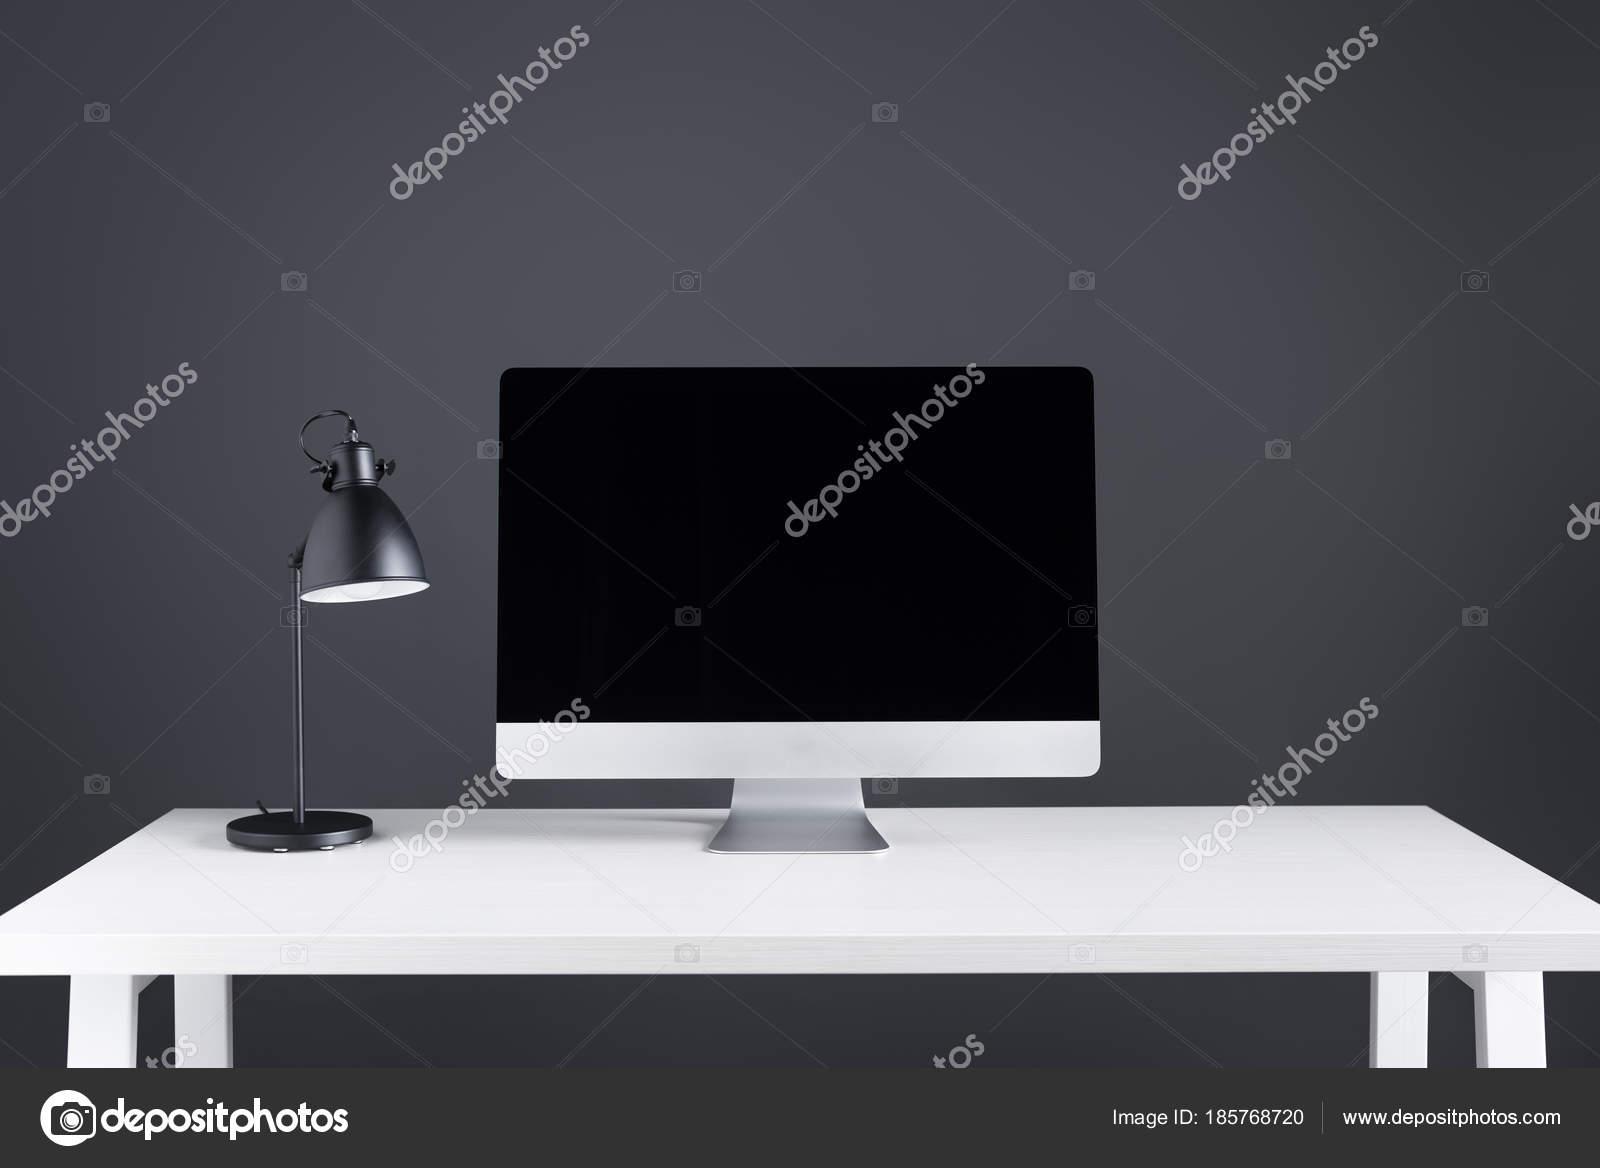 Lampade Da Tavolo Lavoro : Moderno computer desktop con schermo vuoto lampada tavolo area